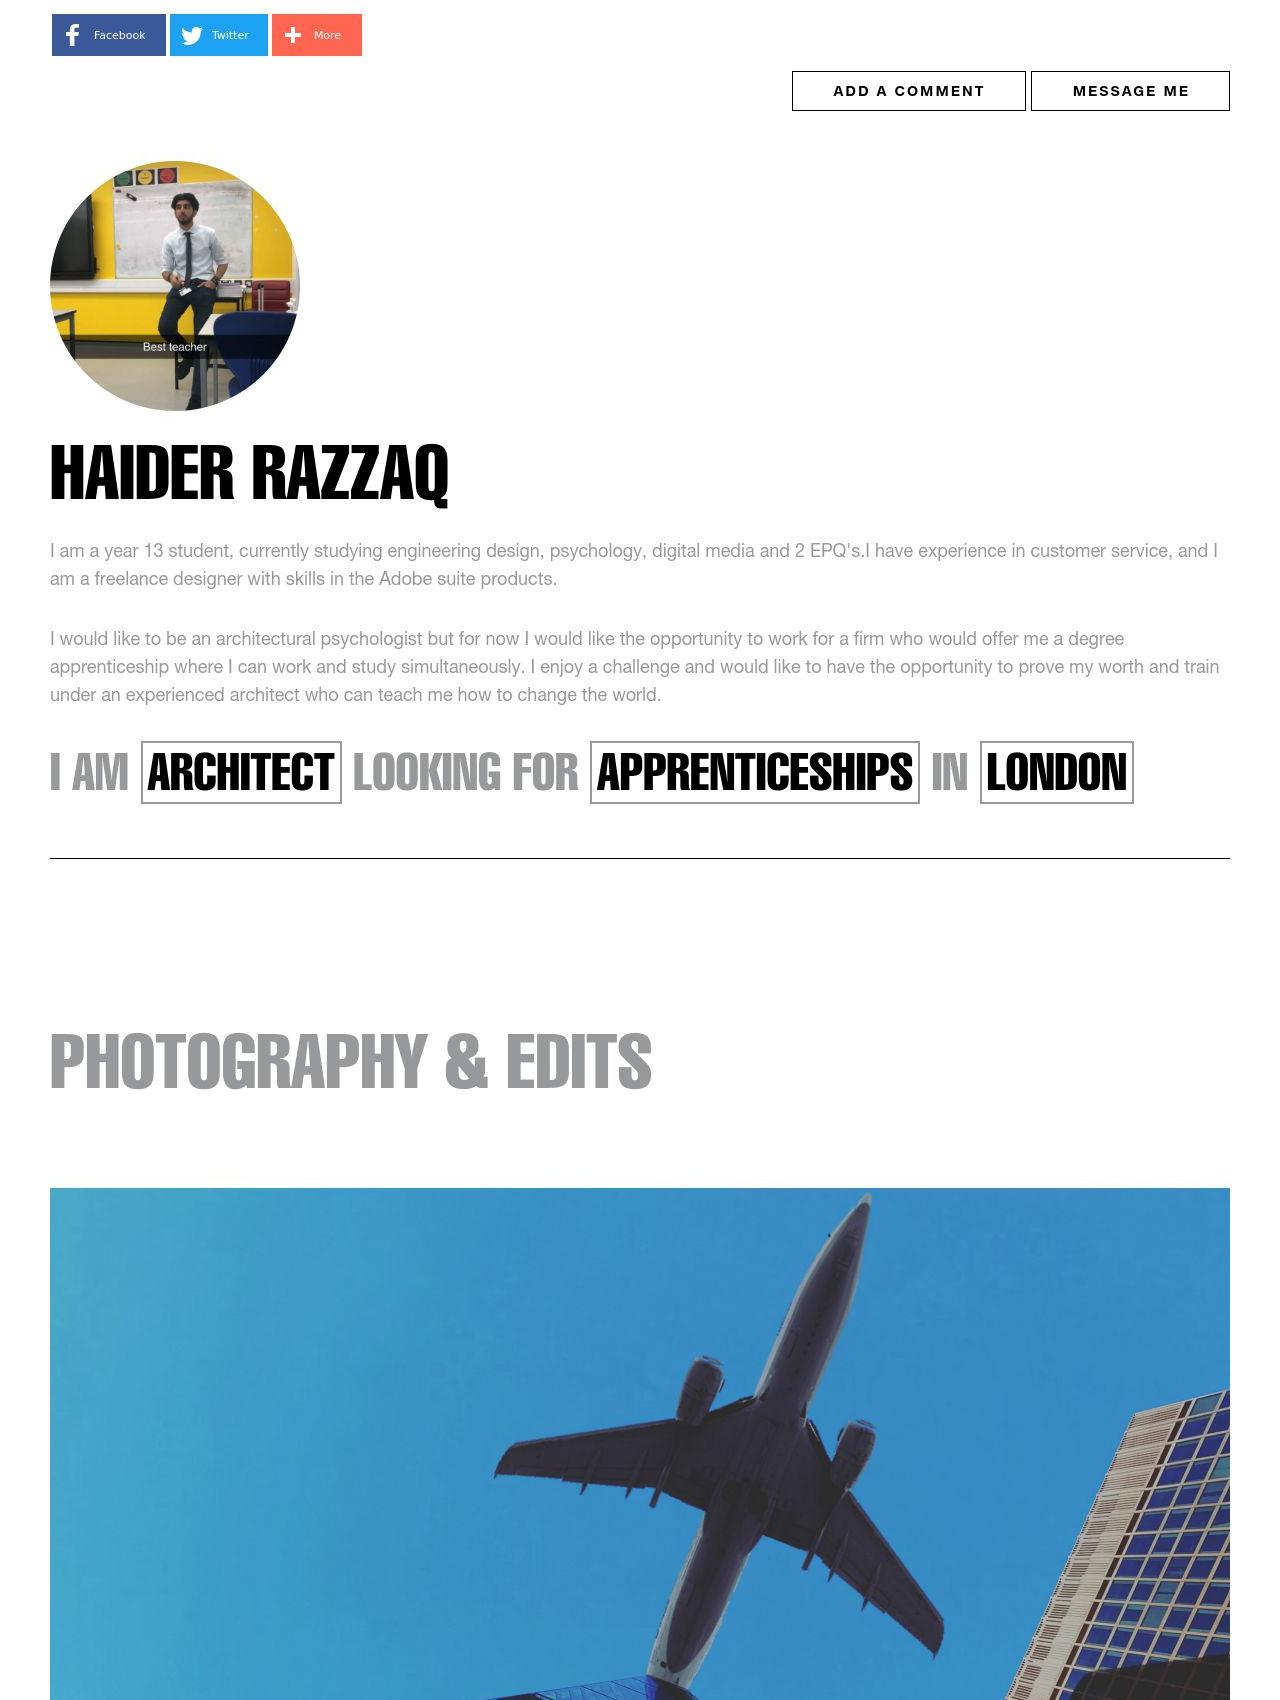 Haider Razzaq